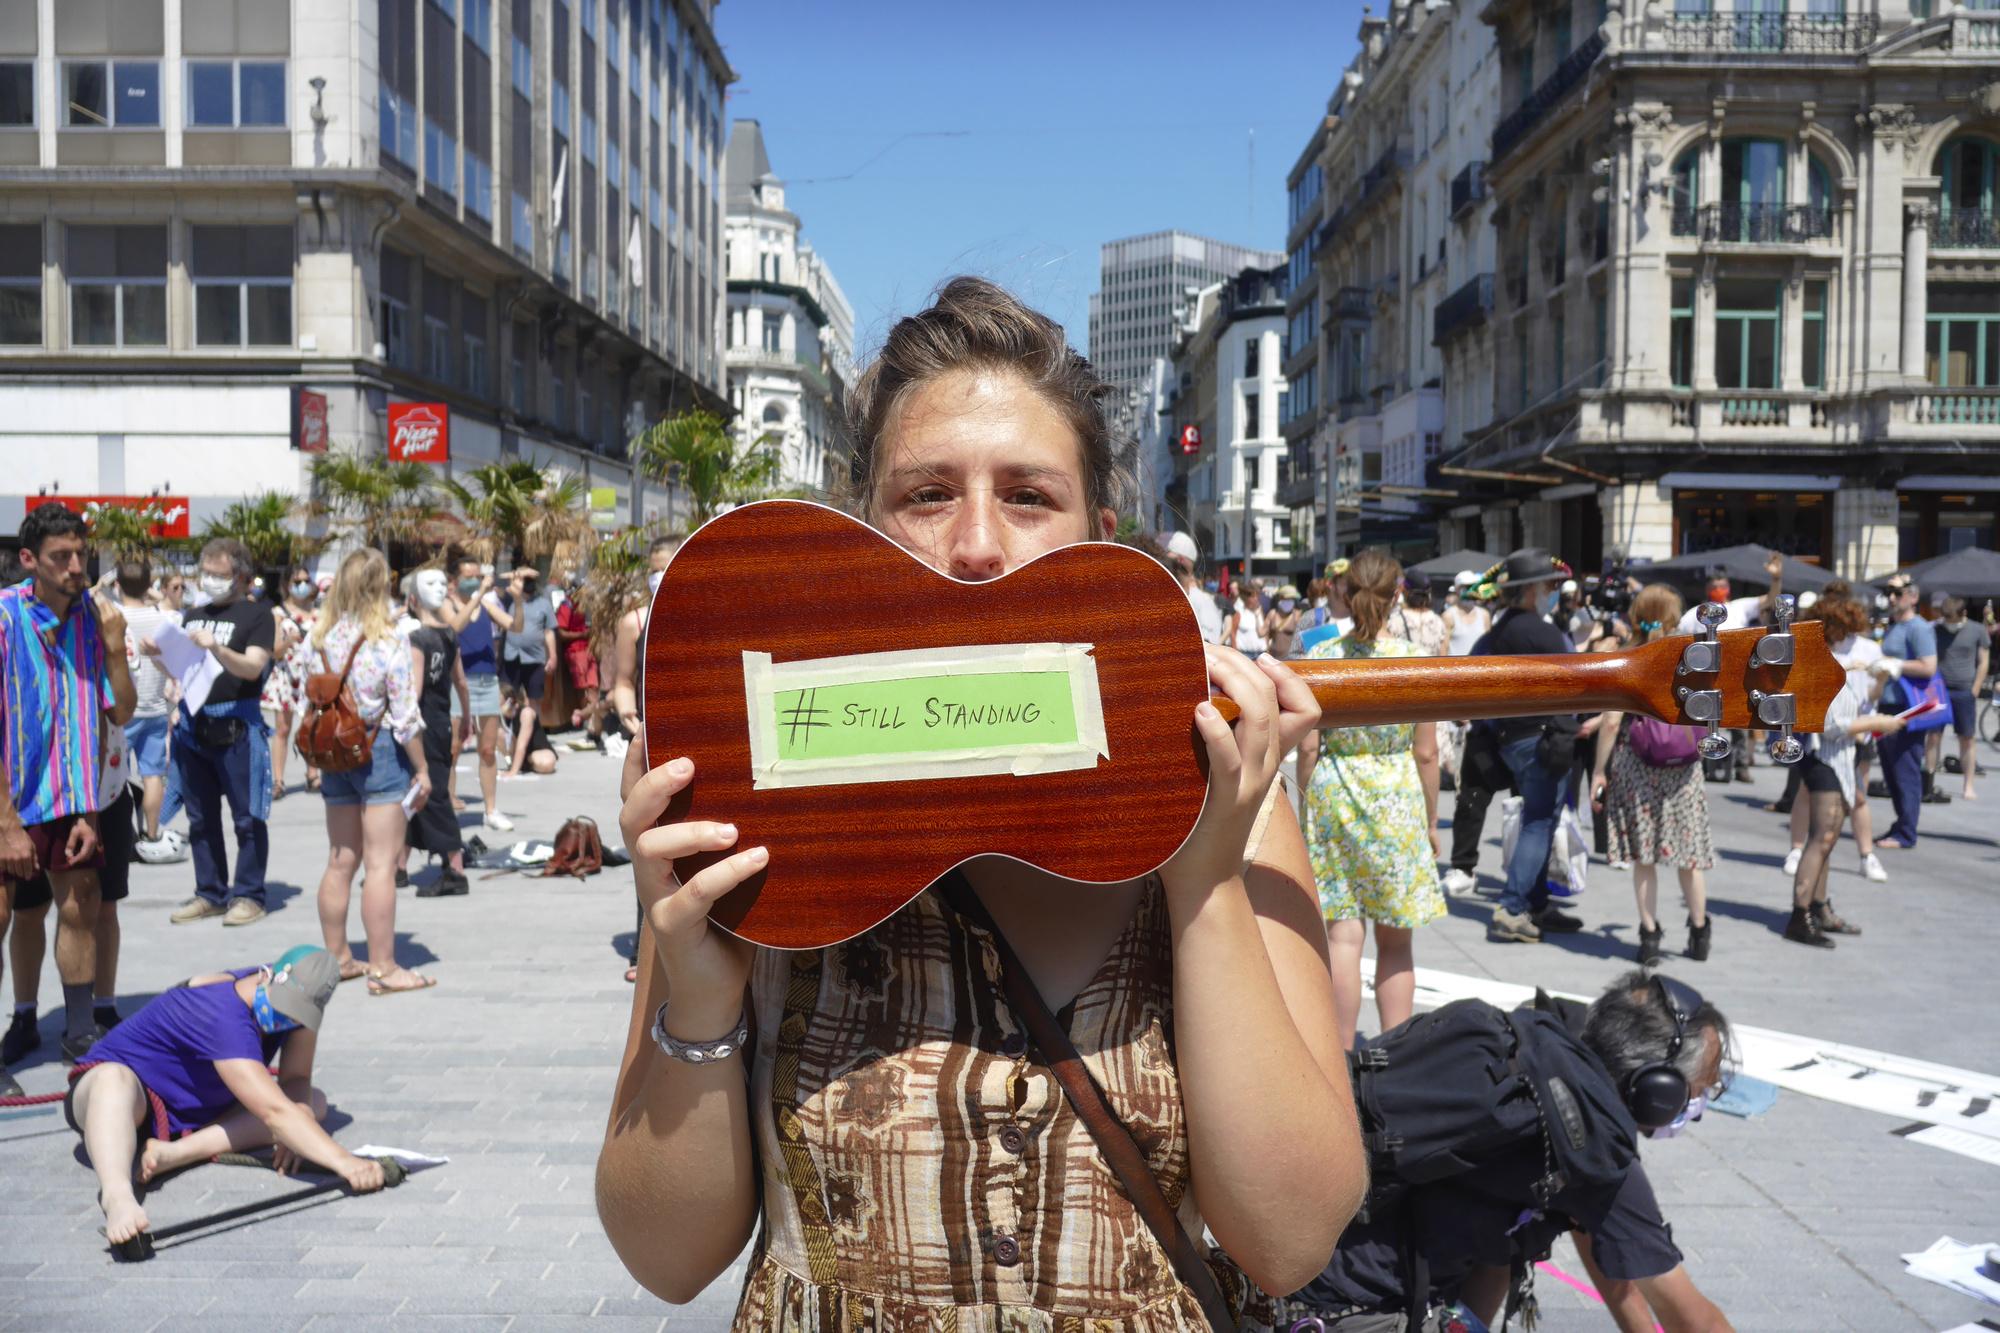 Première édition de Still Standing en juin dernier, ici à la Bourse, Bruxelles., BELGA PHOTO OPHELIE